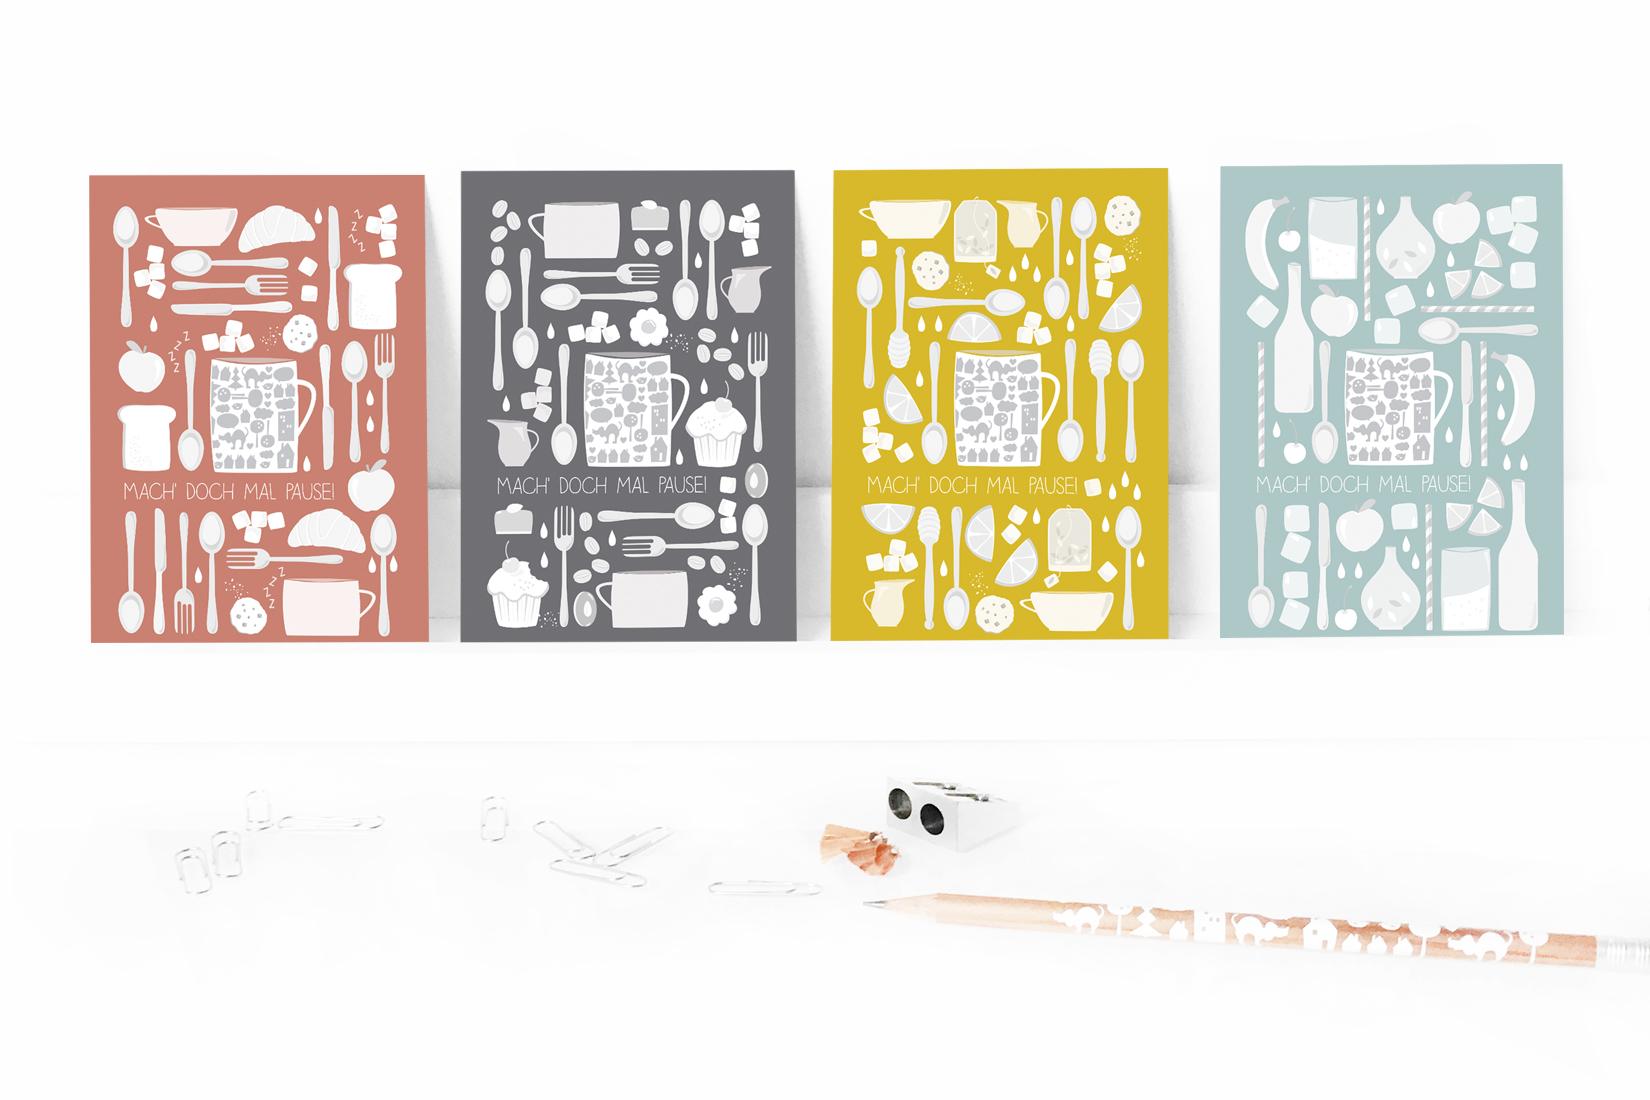 Weihnachtsgrüße Plattdeutsch.Hunnsbuckl By Iwazwersch Briefkarten Speziell Für Weihnachten Bringen Festliche Grüsse Vom In Den Hunsrück